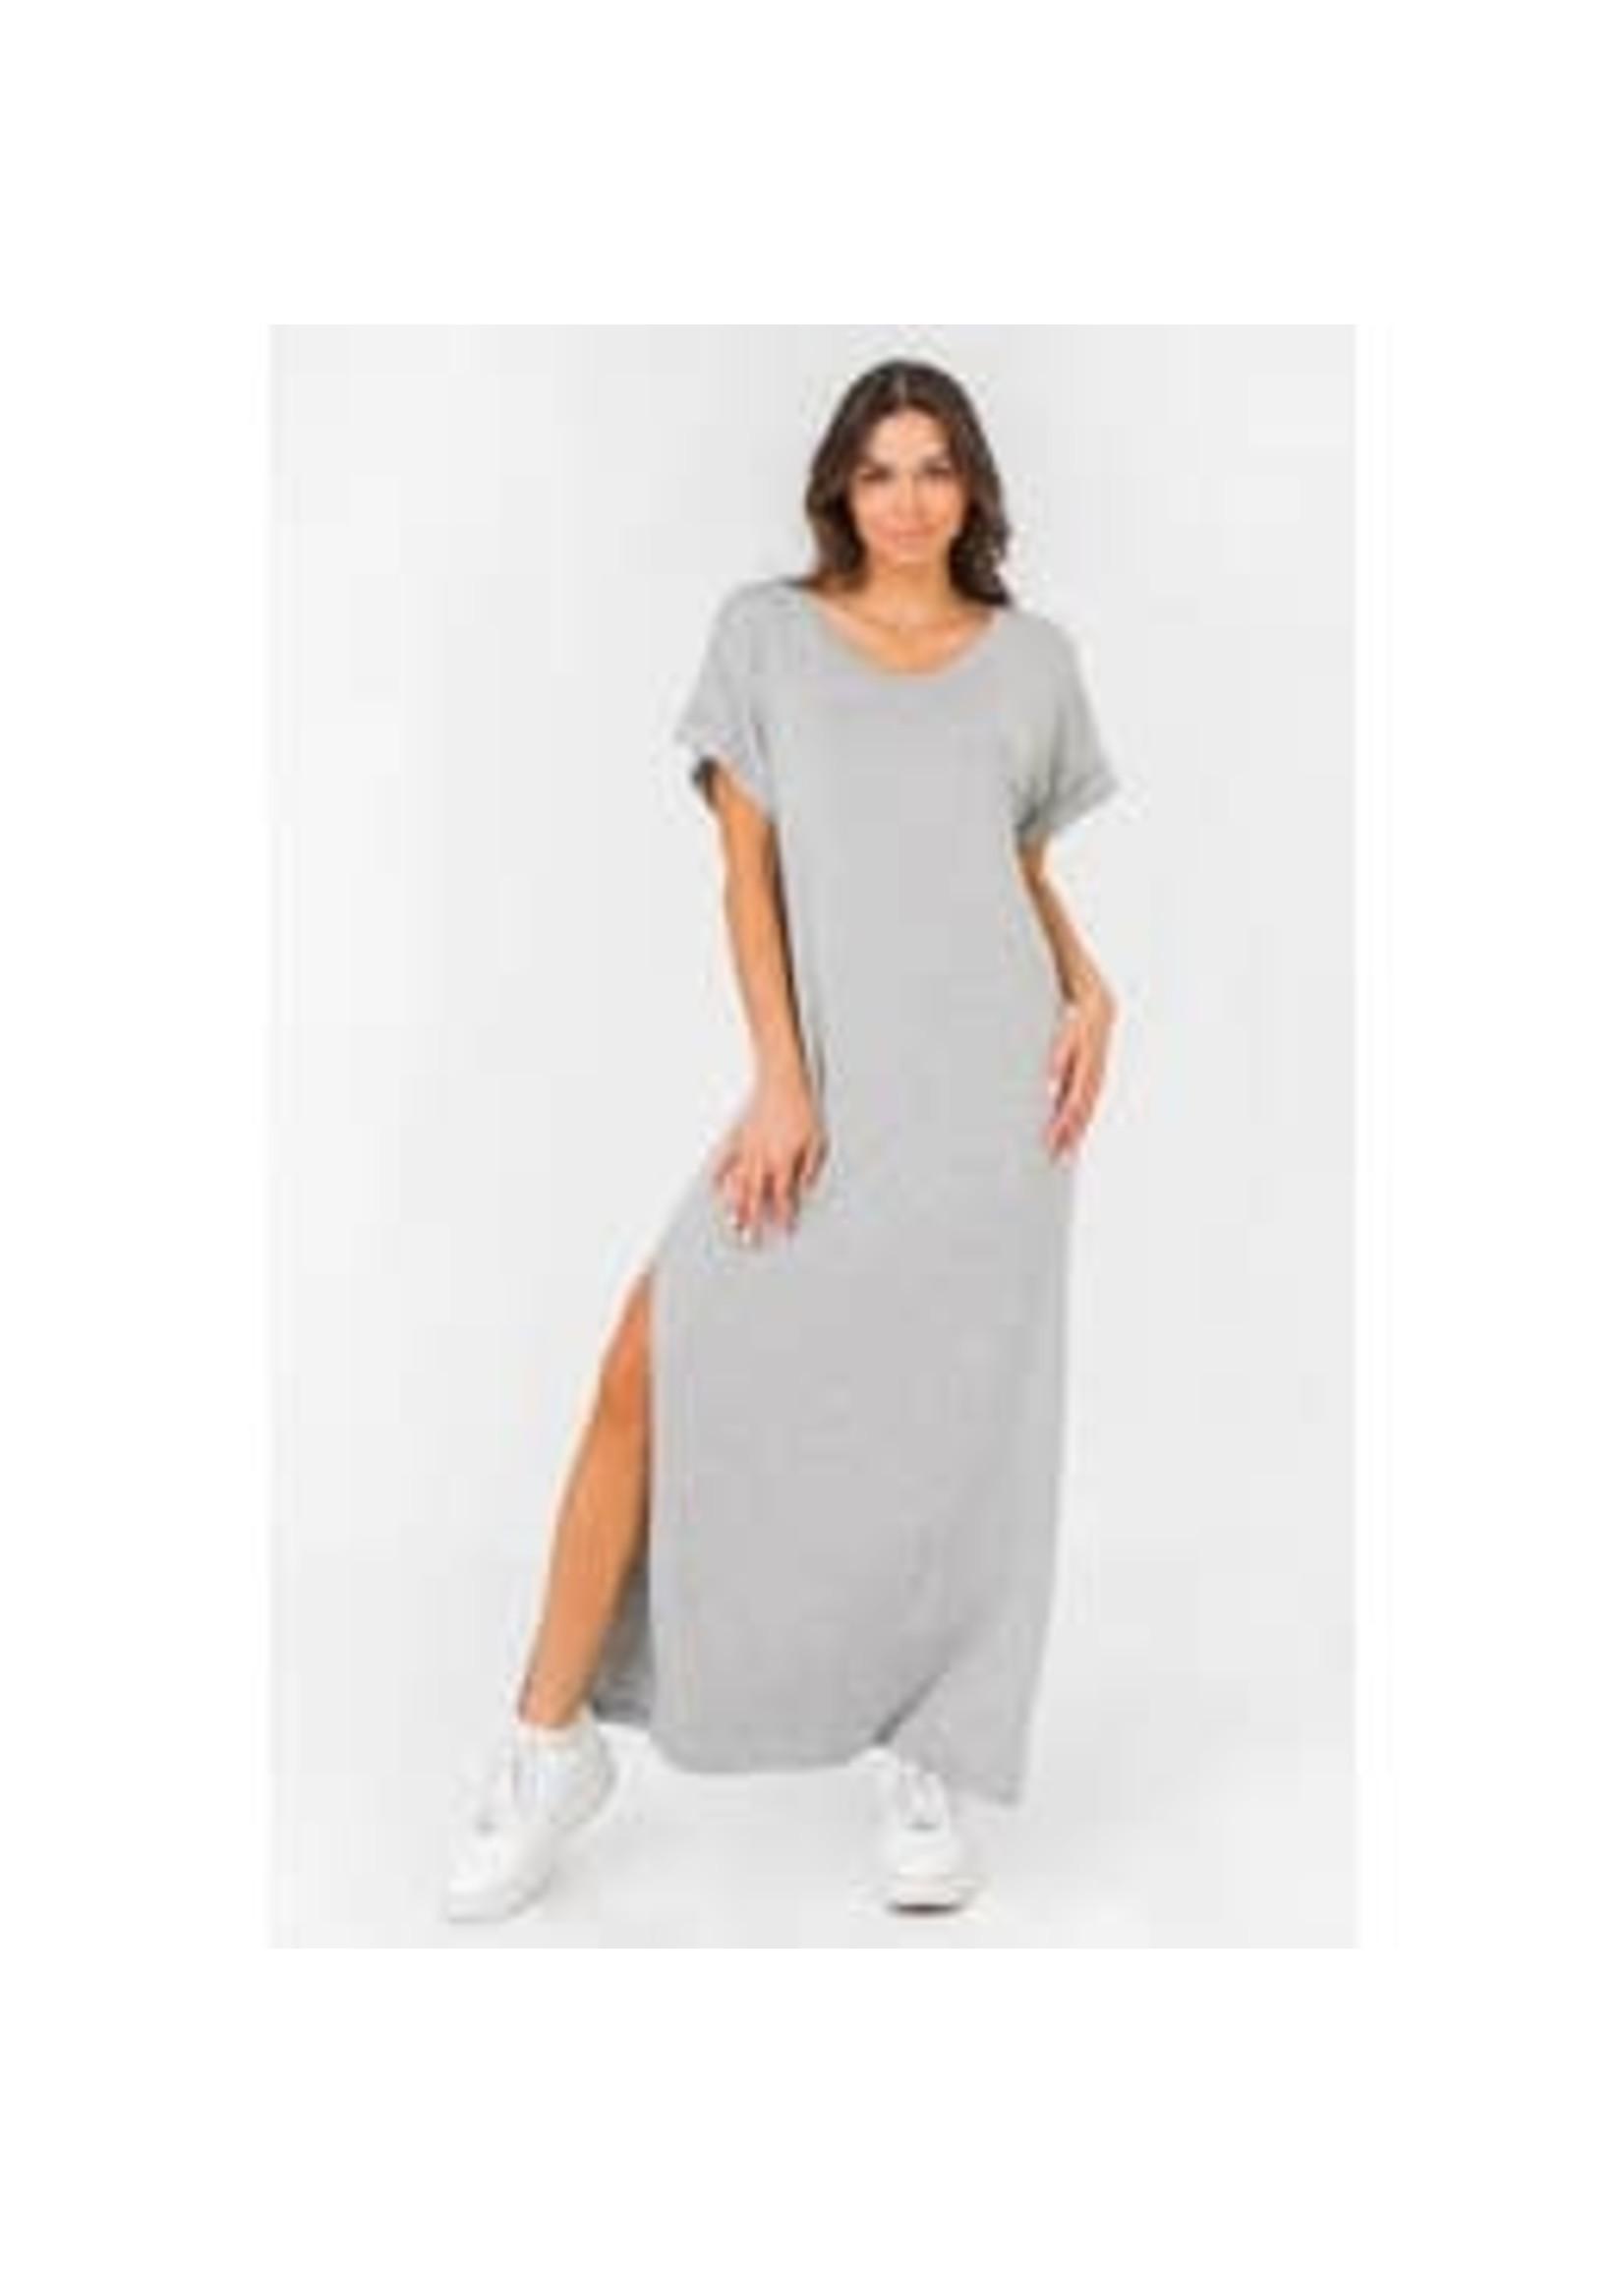 Knit Heather Grey Dress